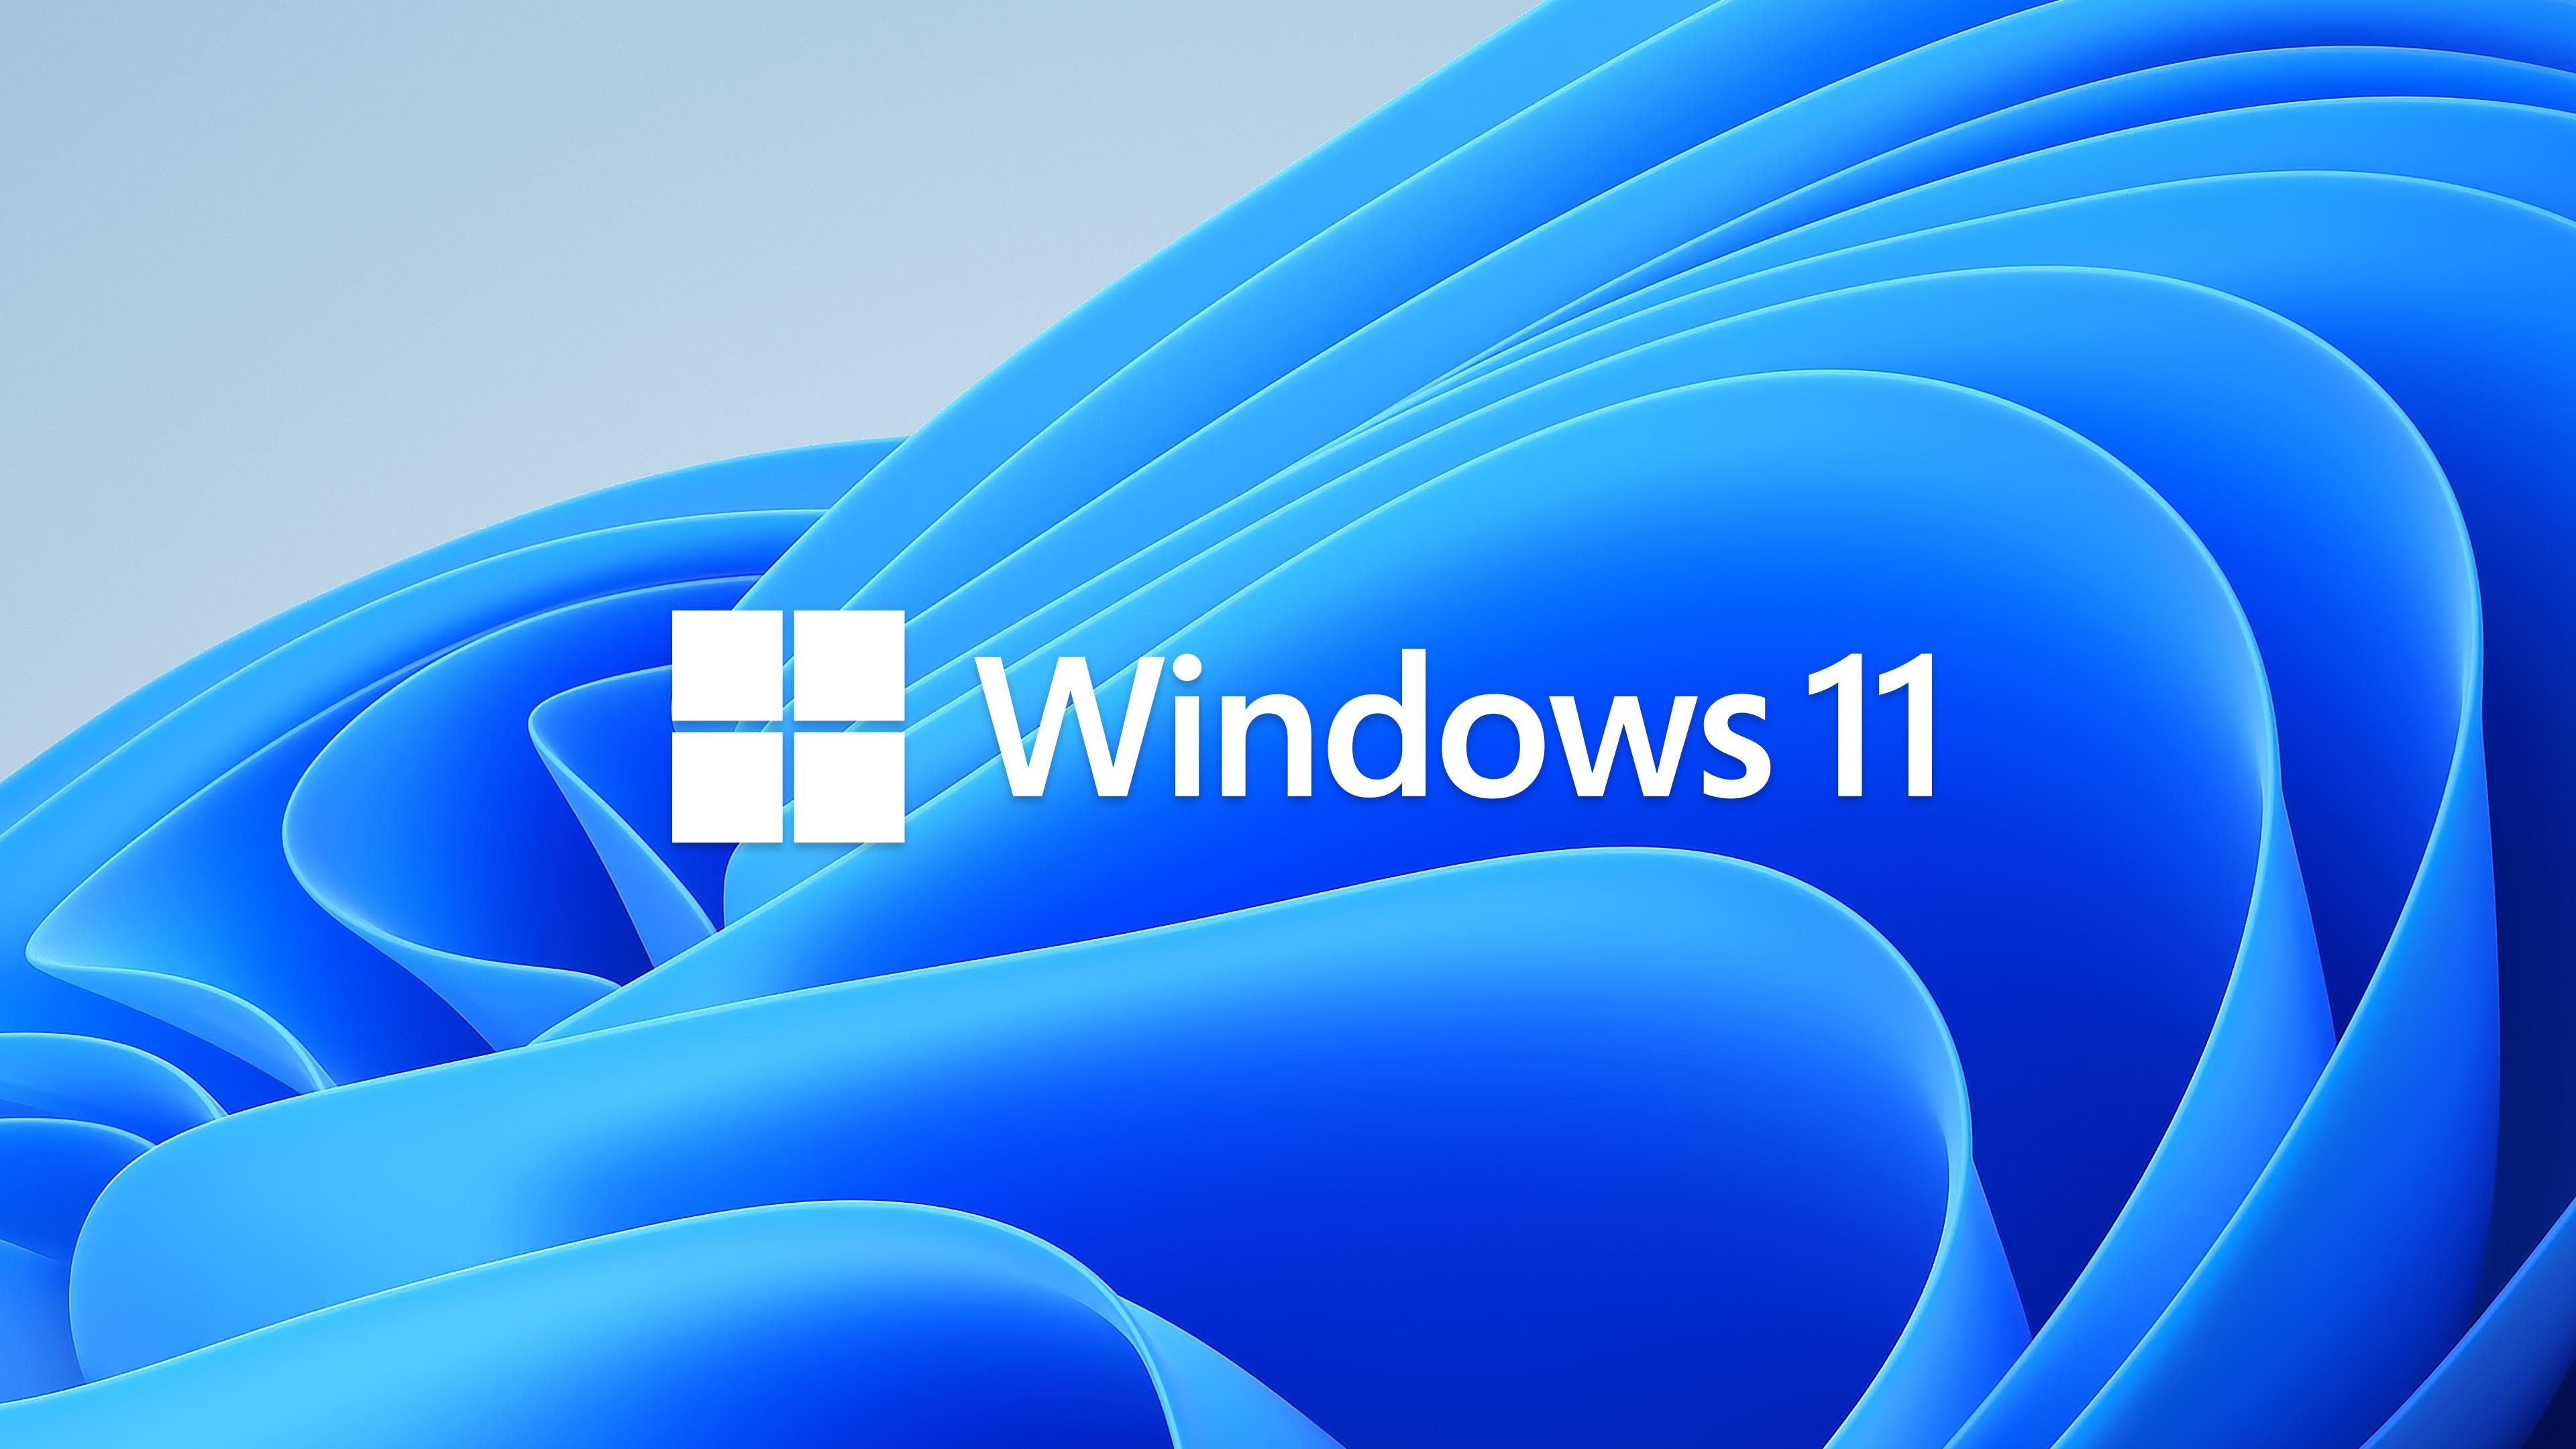 may tinh nao cai duoc Windows 11 anh 1